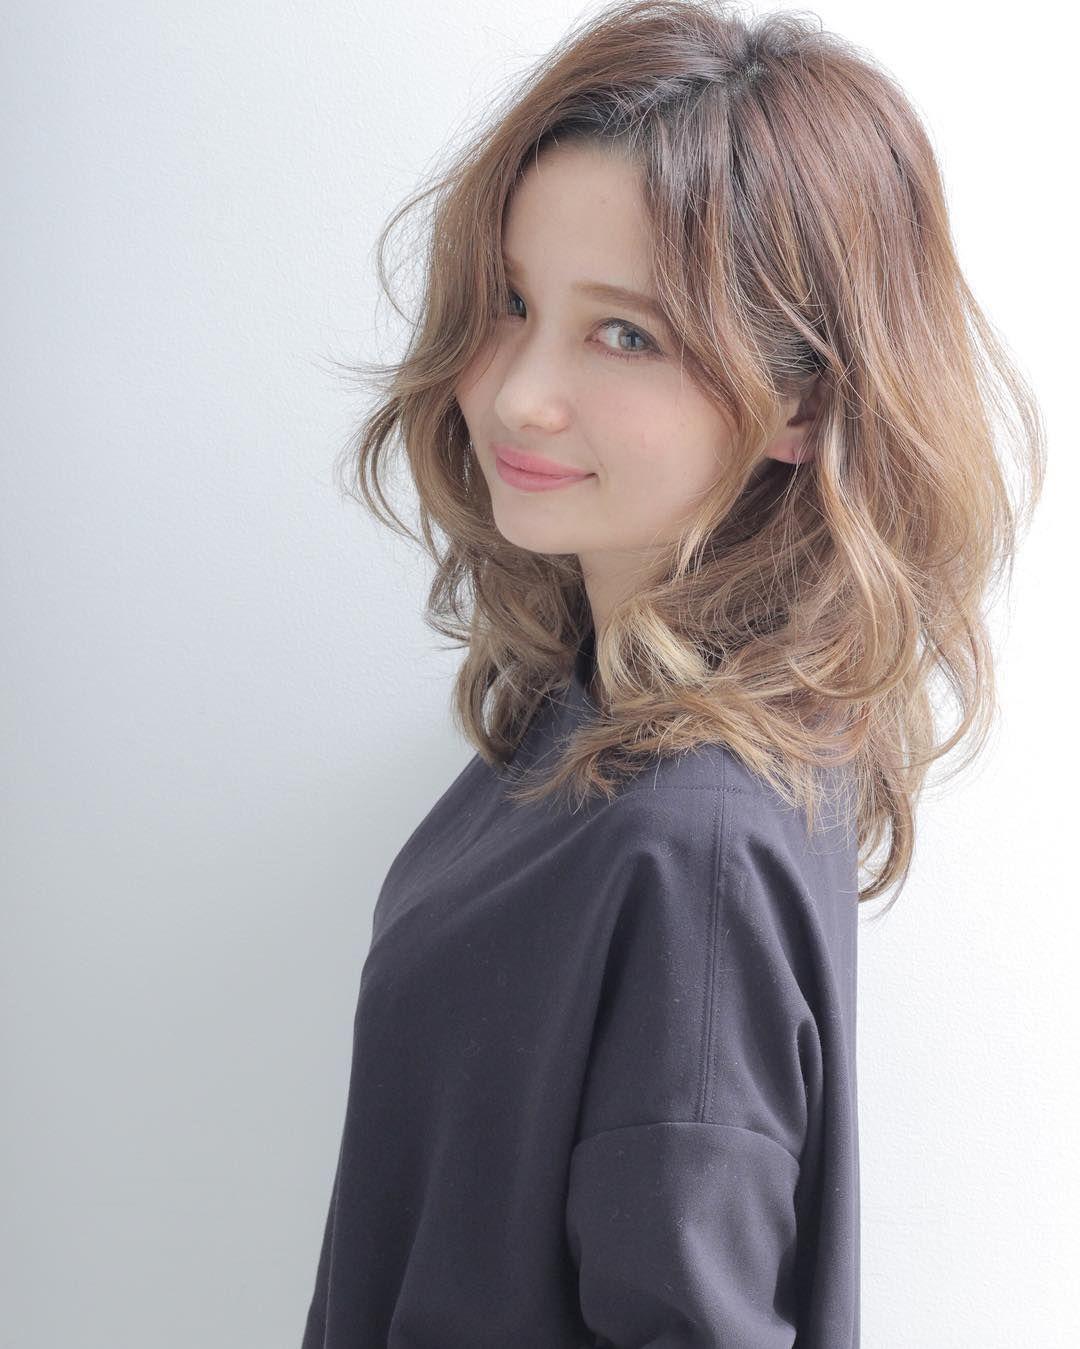 髪型はセミロングがおすすめ 可愛らしく女性らしい雰囲気を作ろう Folk 髪型 ロング パーマ ロングパーマ 髪型 ミディアム パーマ